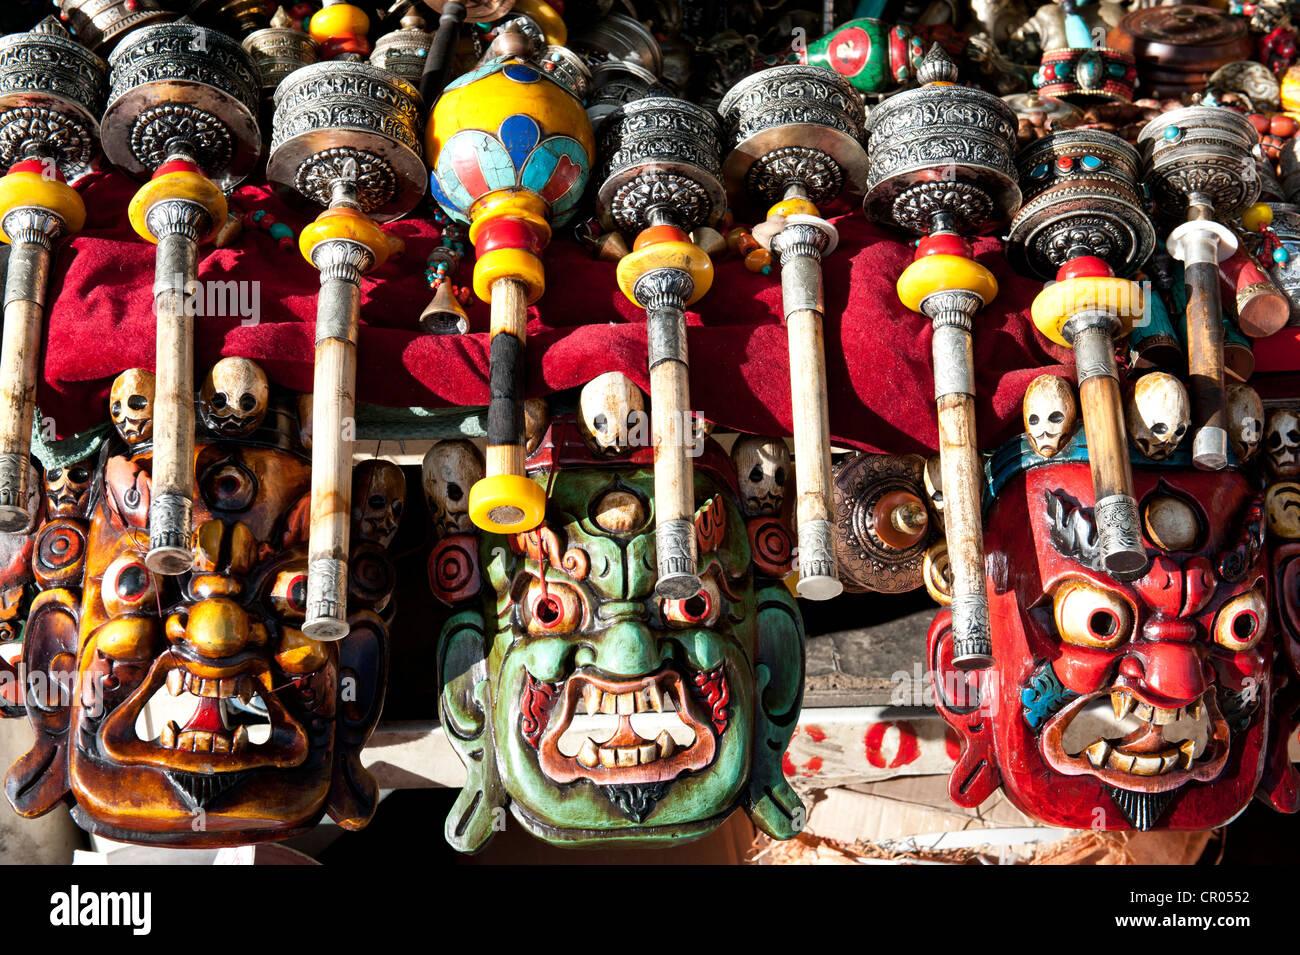 El budismo tibetano, coloridas máscaras tibetano, ruedas de oración, souvenirs, Lhasa, el Himalaya, el Imagen De Stock